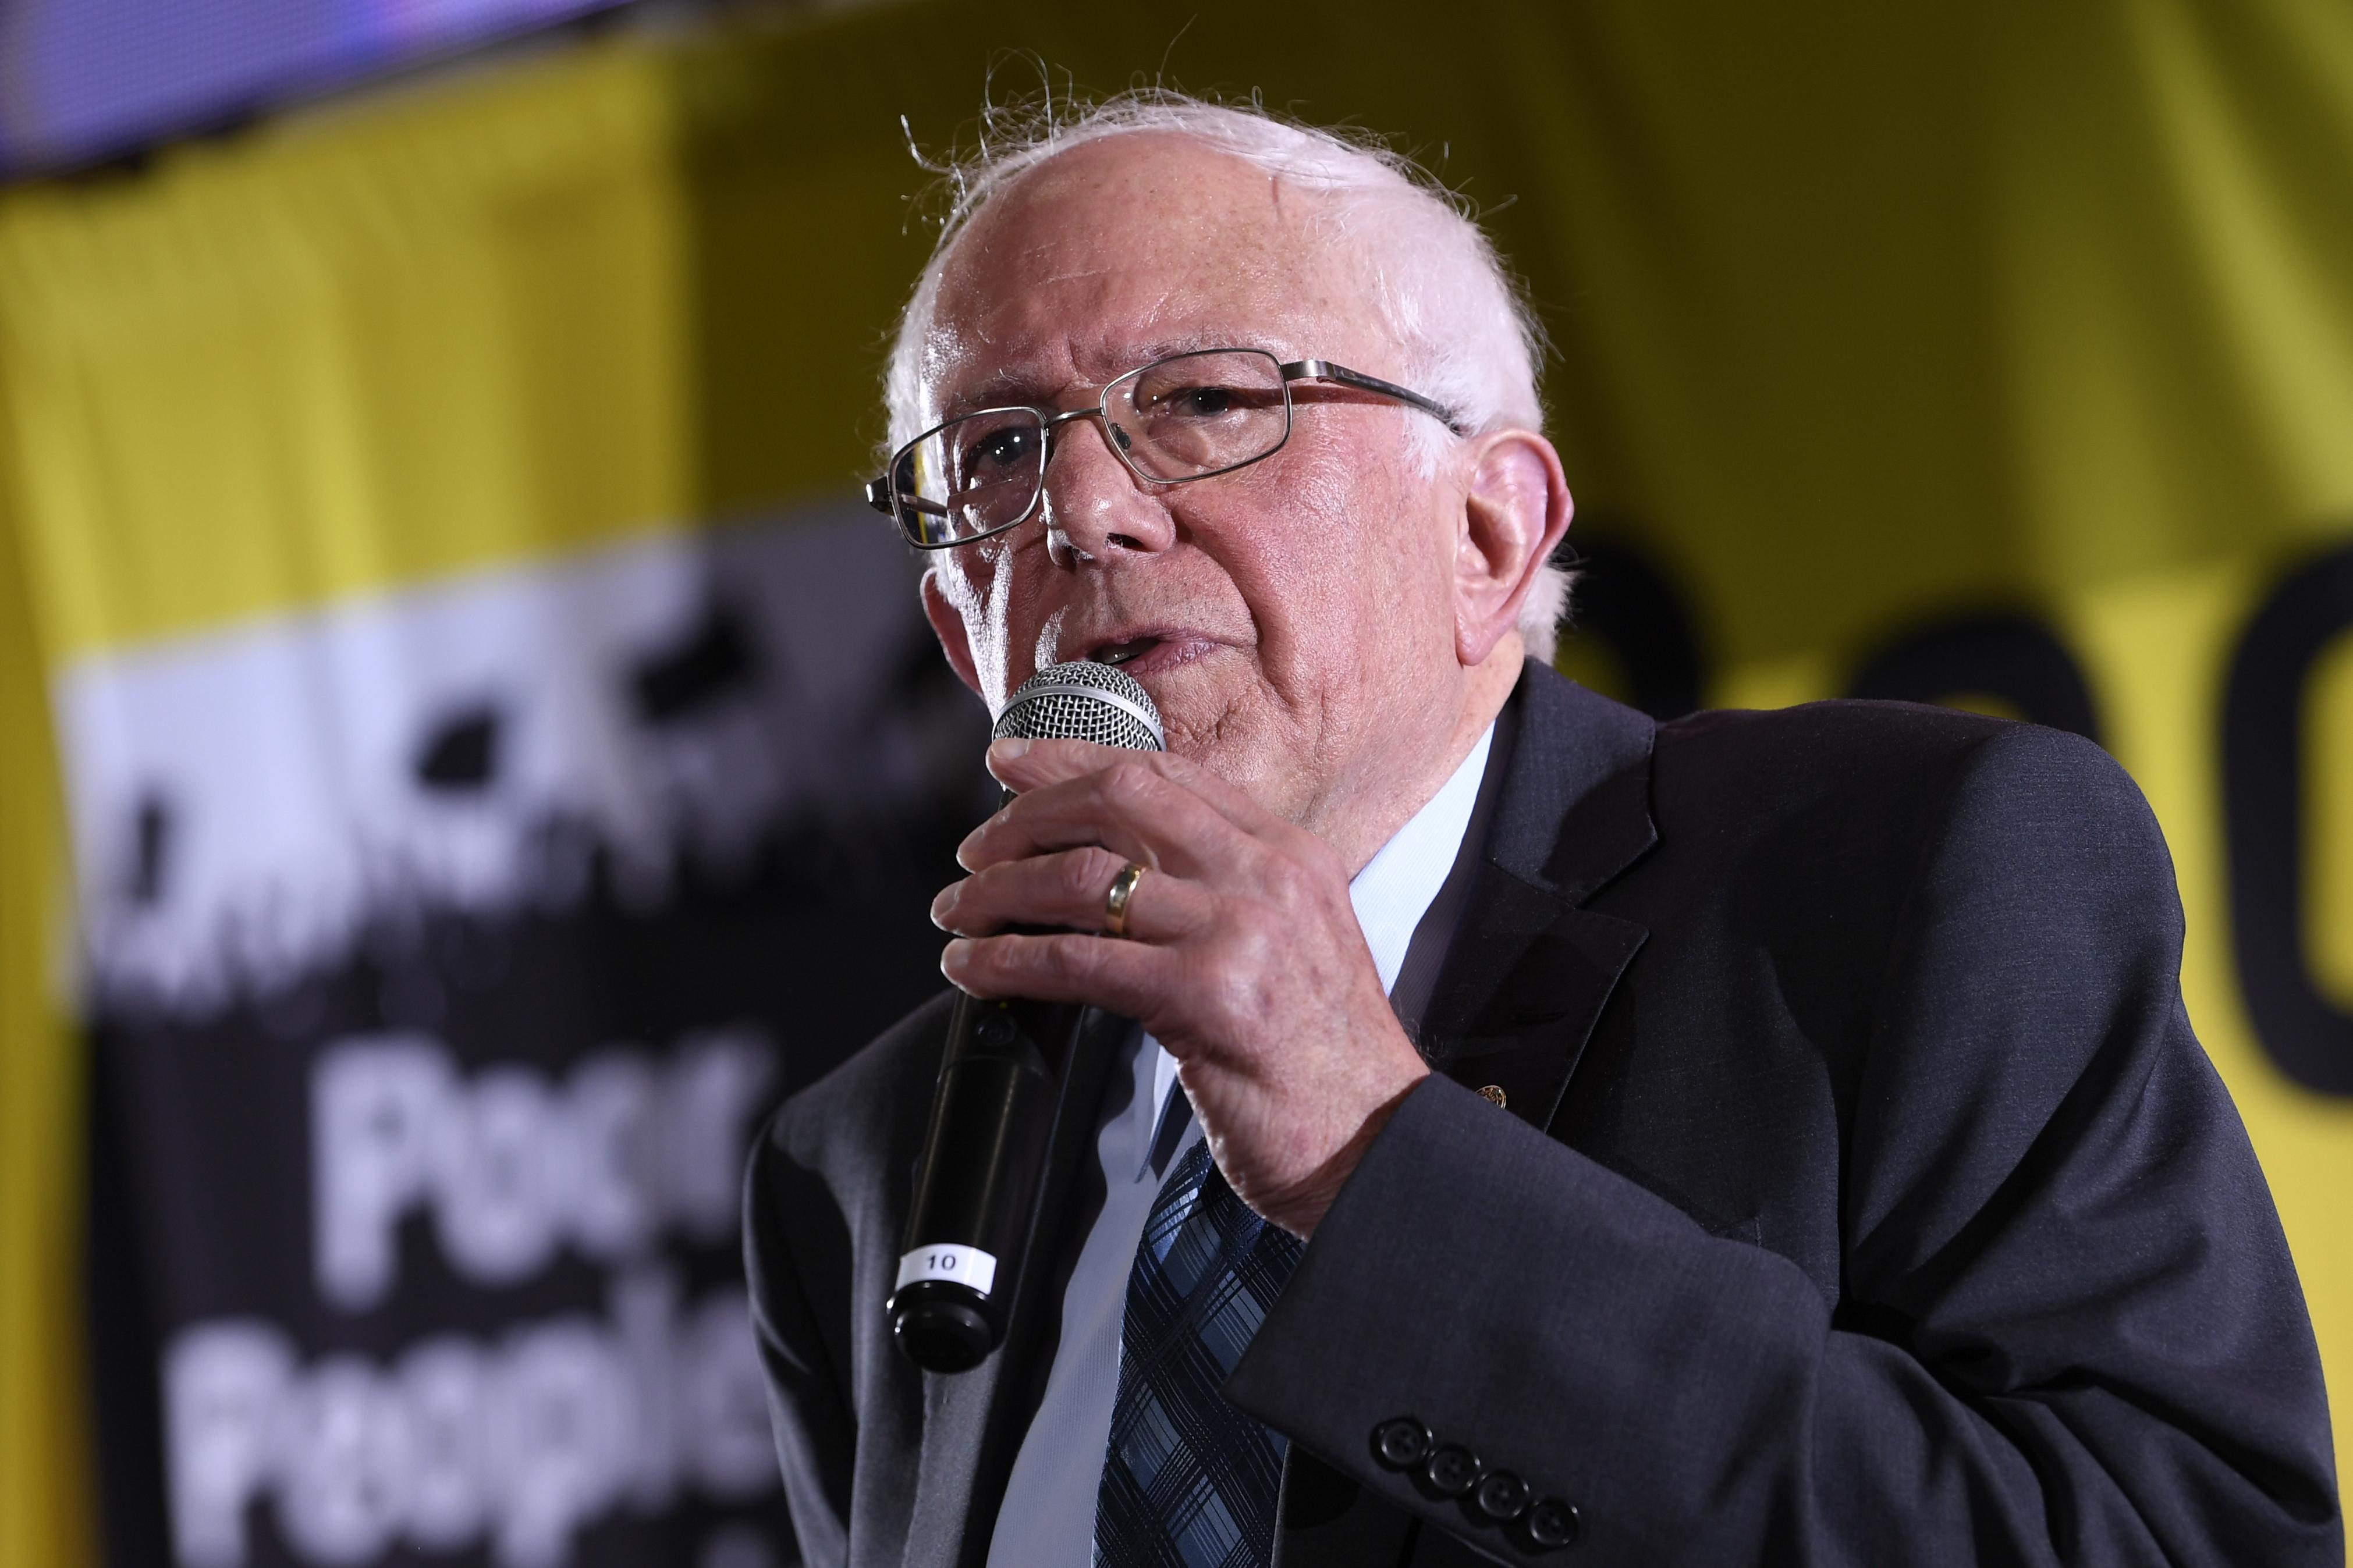 Sanders is slowly sliding in polls — as Warren rises